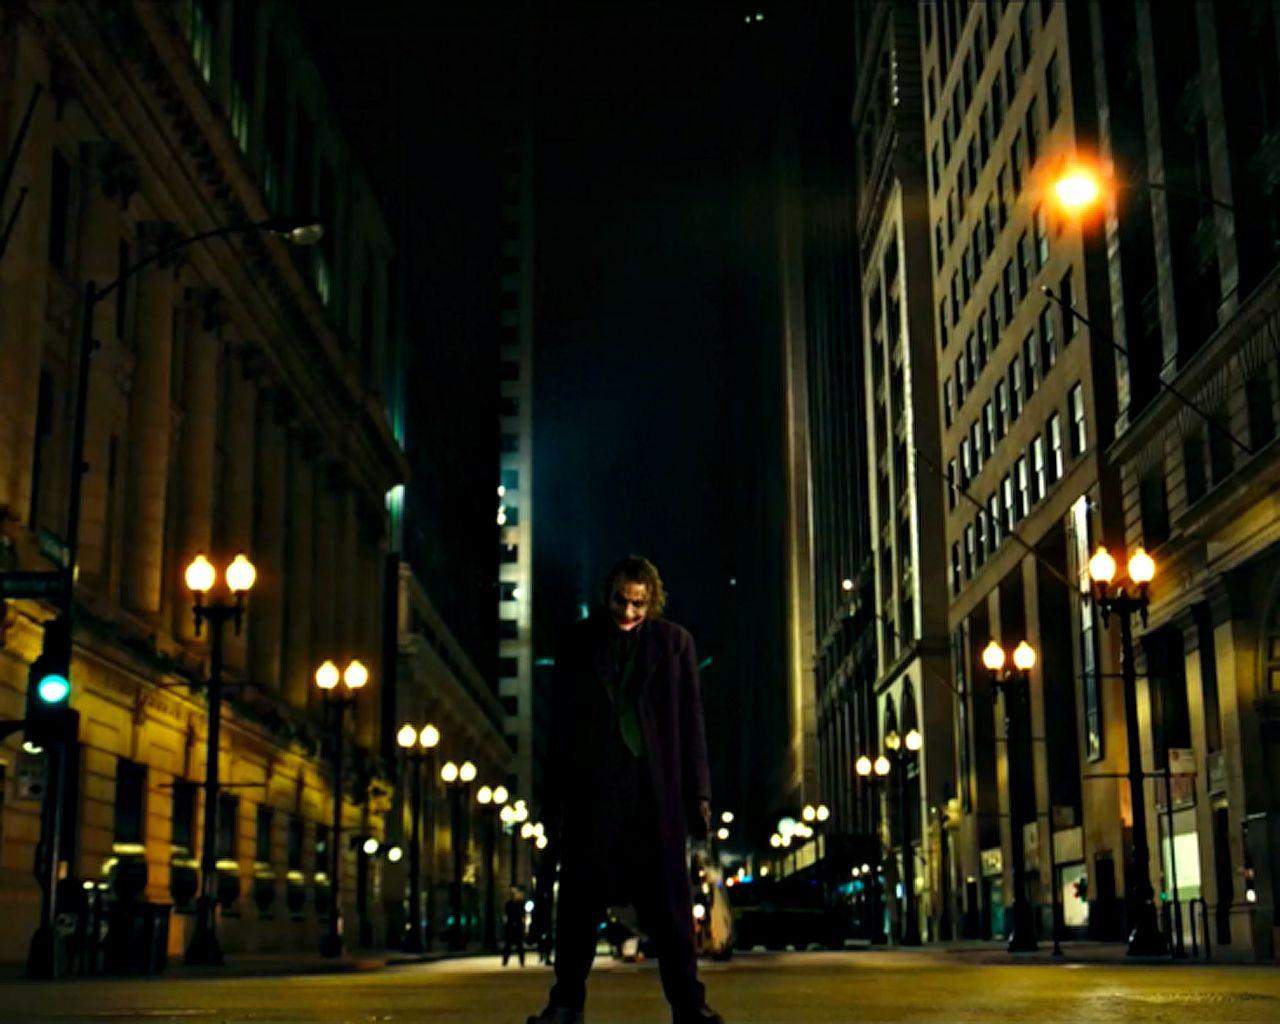 Joker In The Street Wallpaper 1280x1024